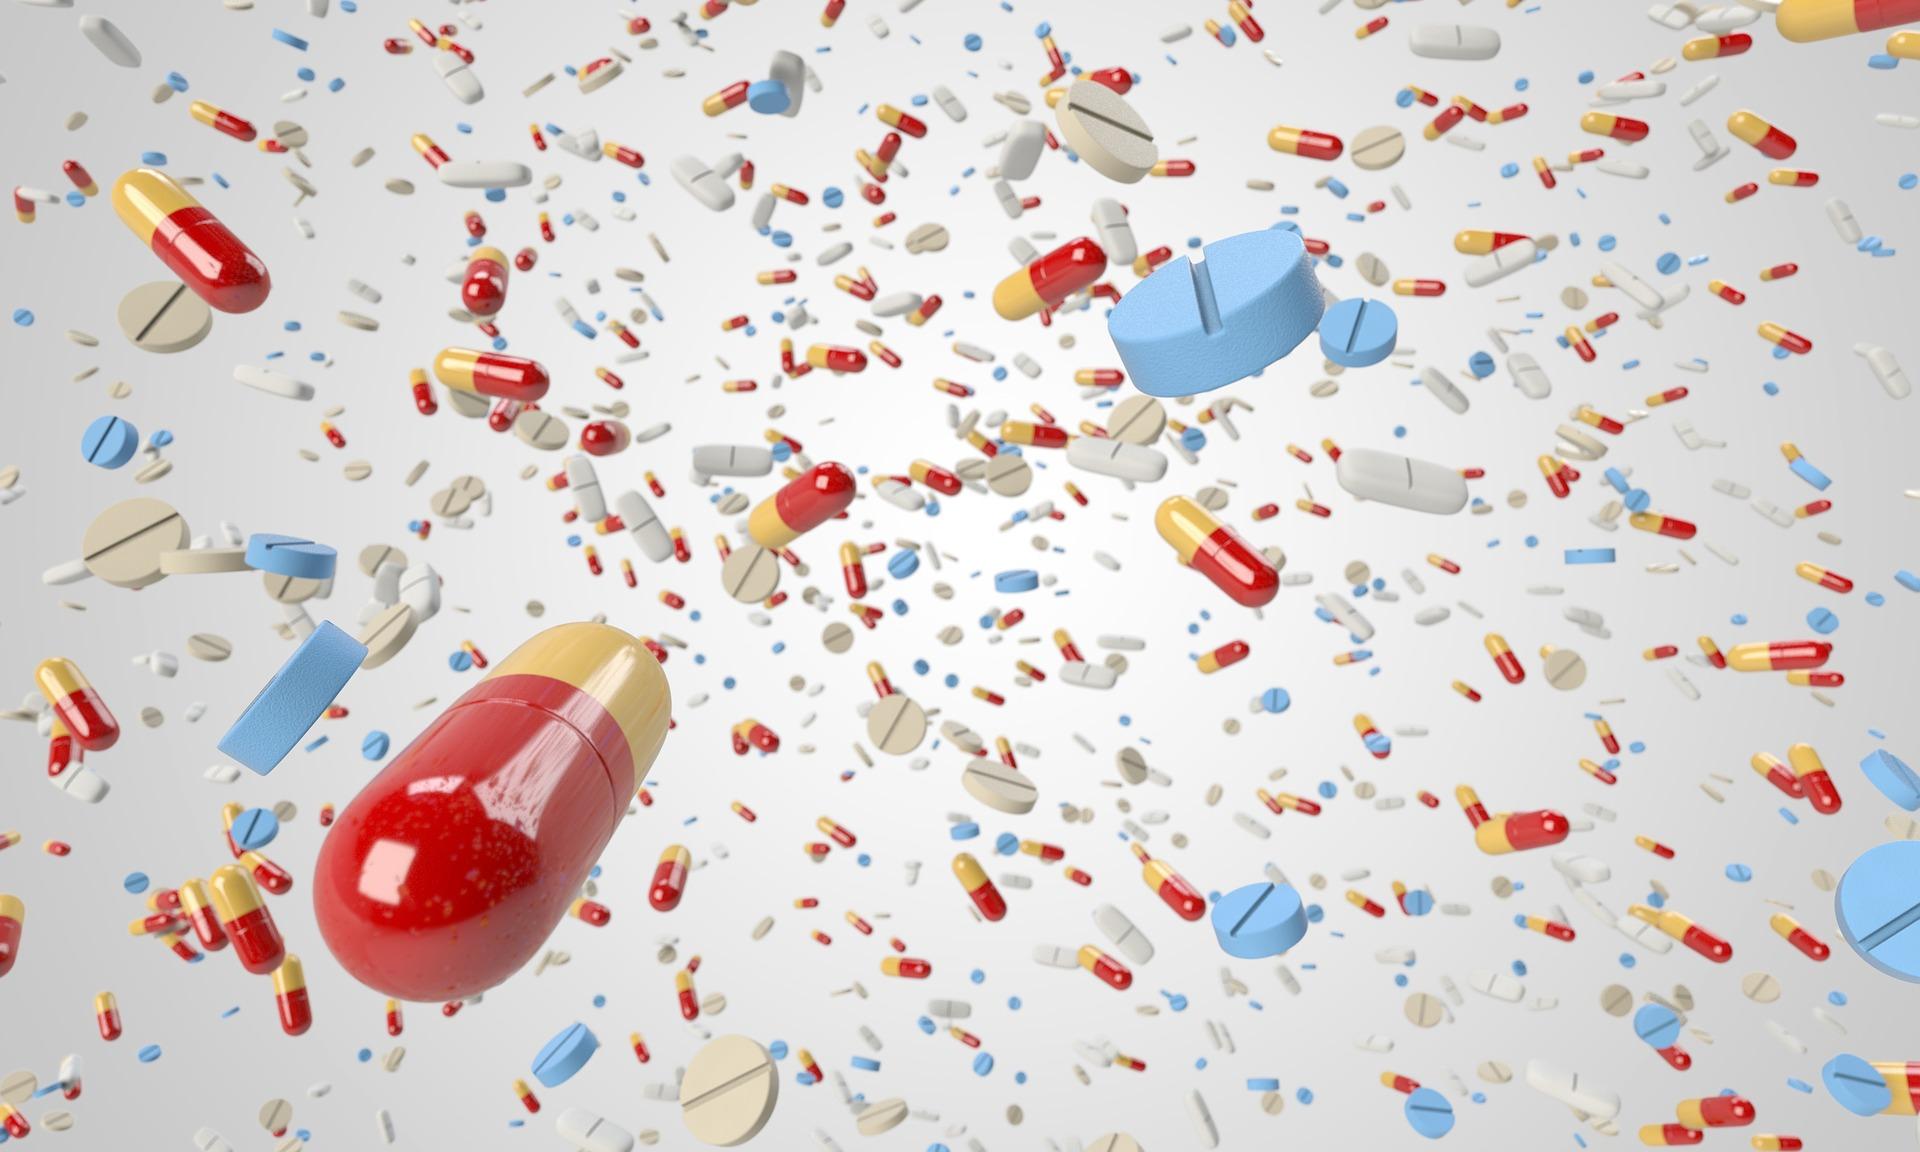 pill-1884777_1920